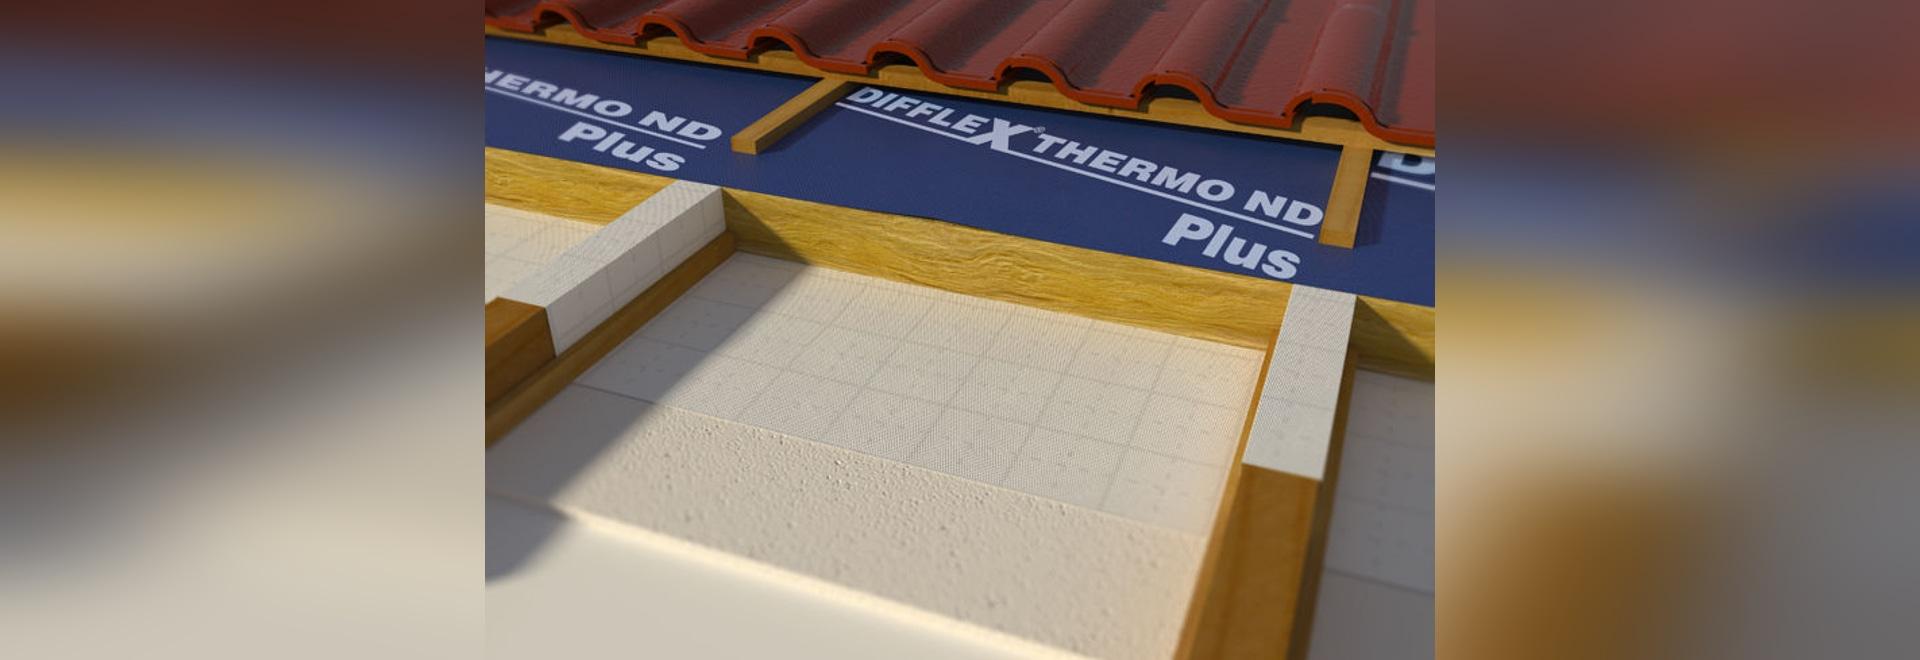 NEU: Unterdach§bahn für belüftetes Dach by BWK Dachzubehör